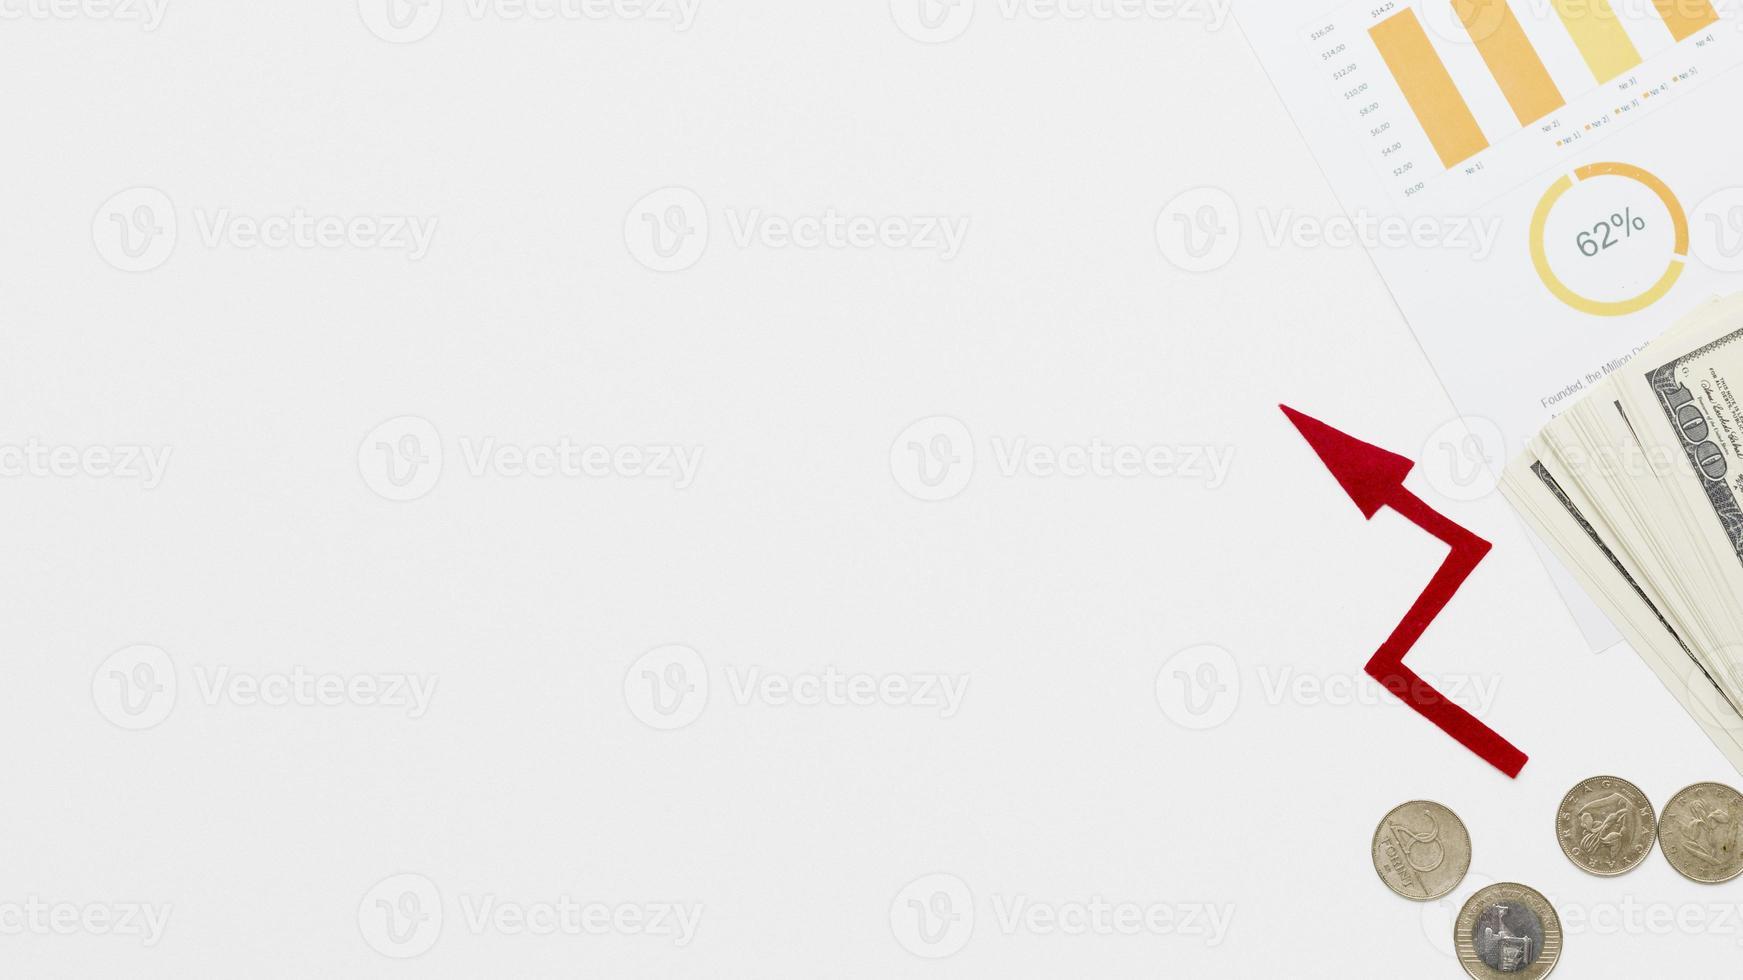 Wachstumsökonomie mit Münzkonzept auf weißem Hintergrund foto